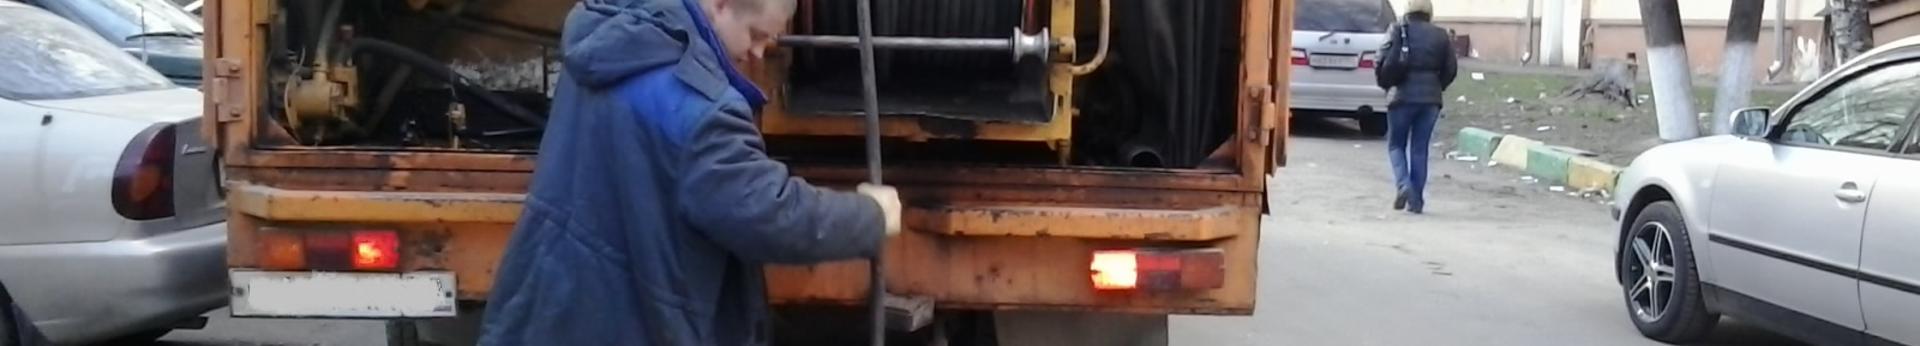 Прочистка канализационных труб от жира